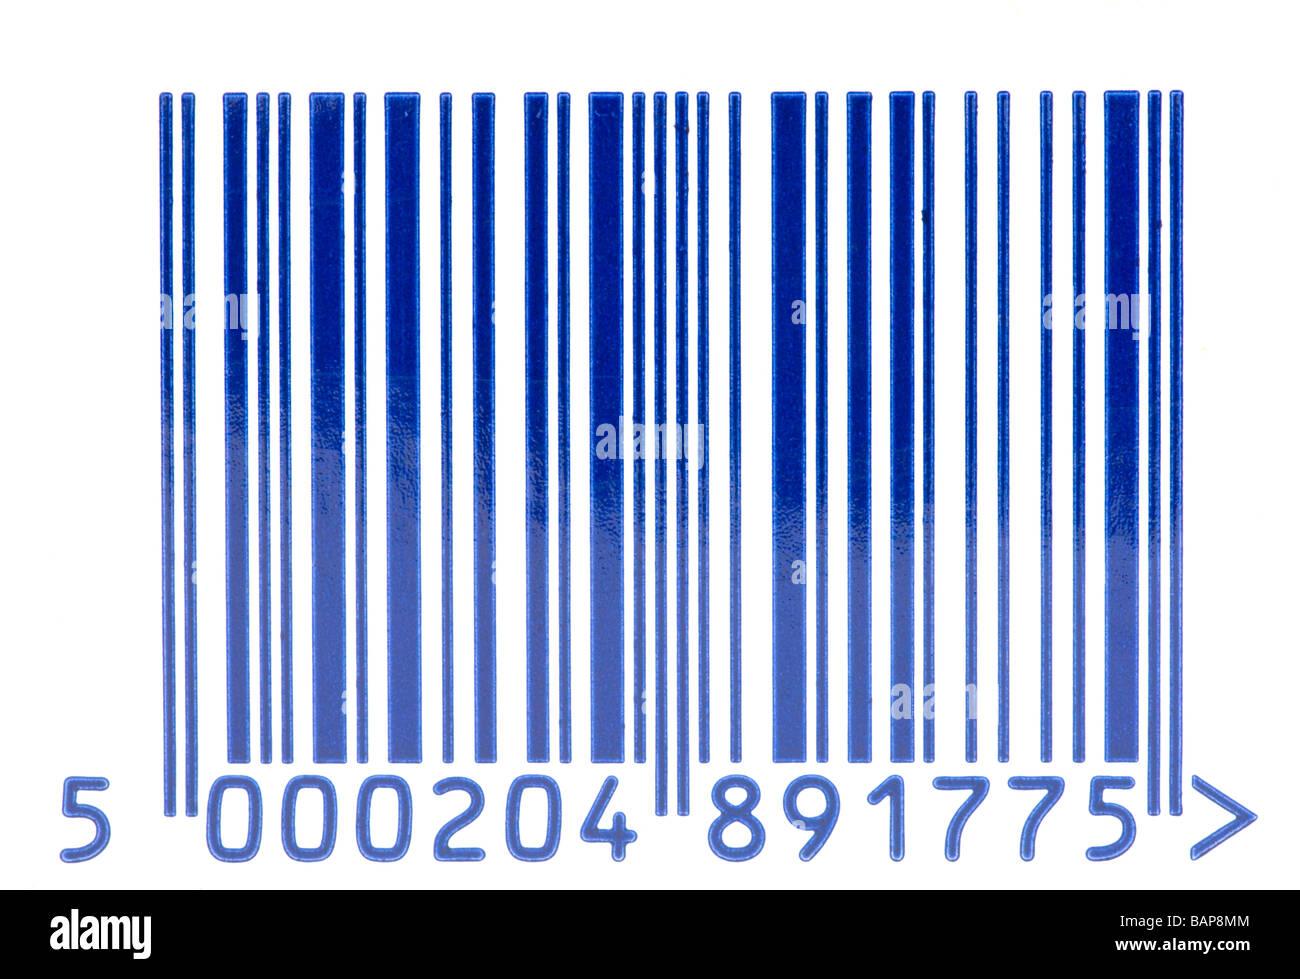 barcode barcodes bar code bar codes - Stock Image